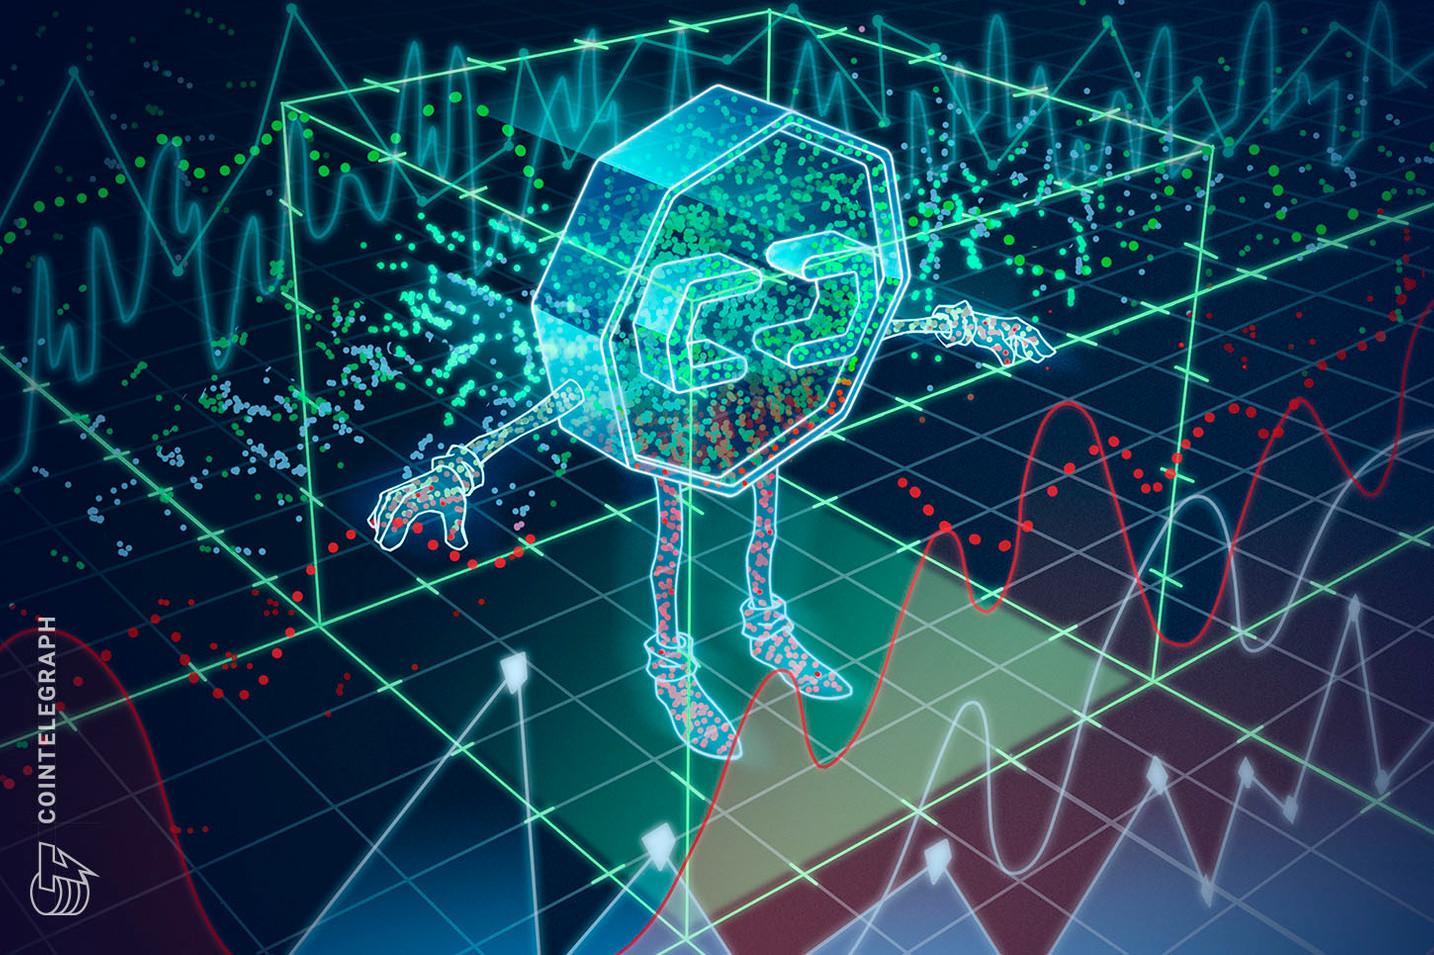 El nuevo lanzamiento de Curve Finance posiciona el proyecto entre los creadores de mercado automatizados